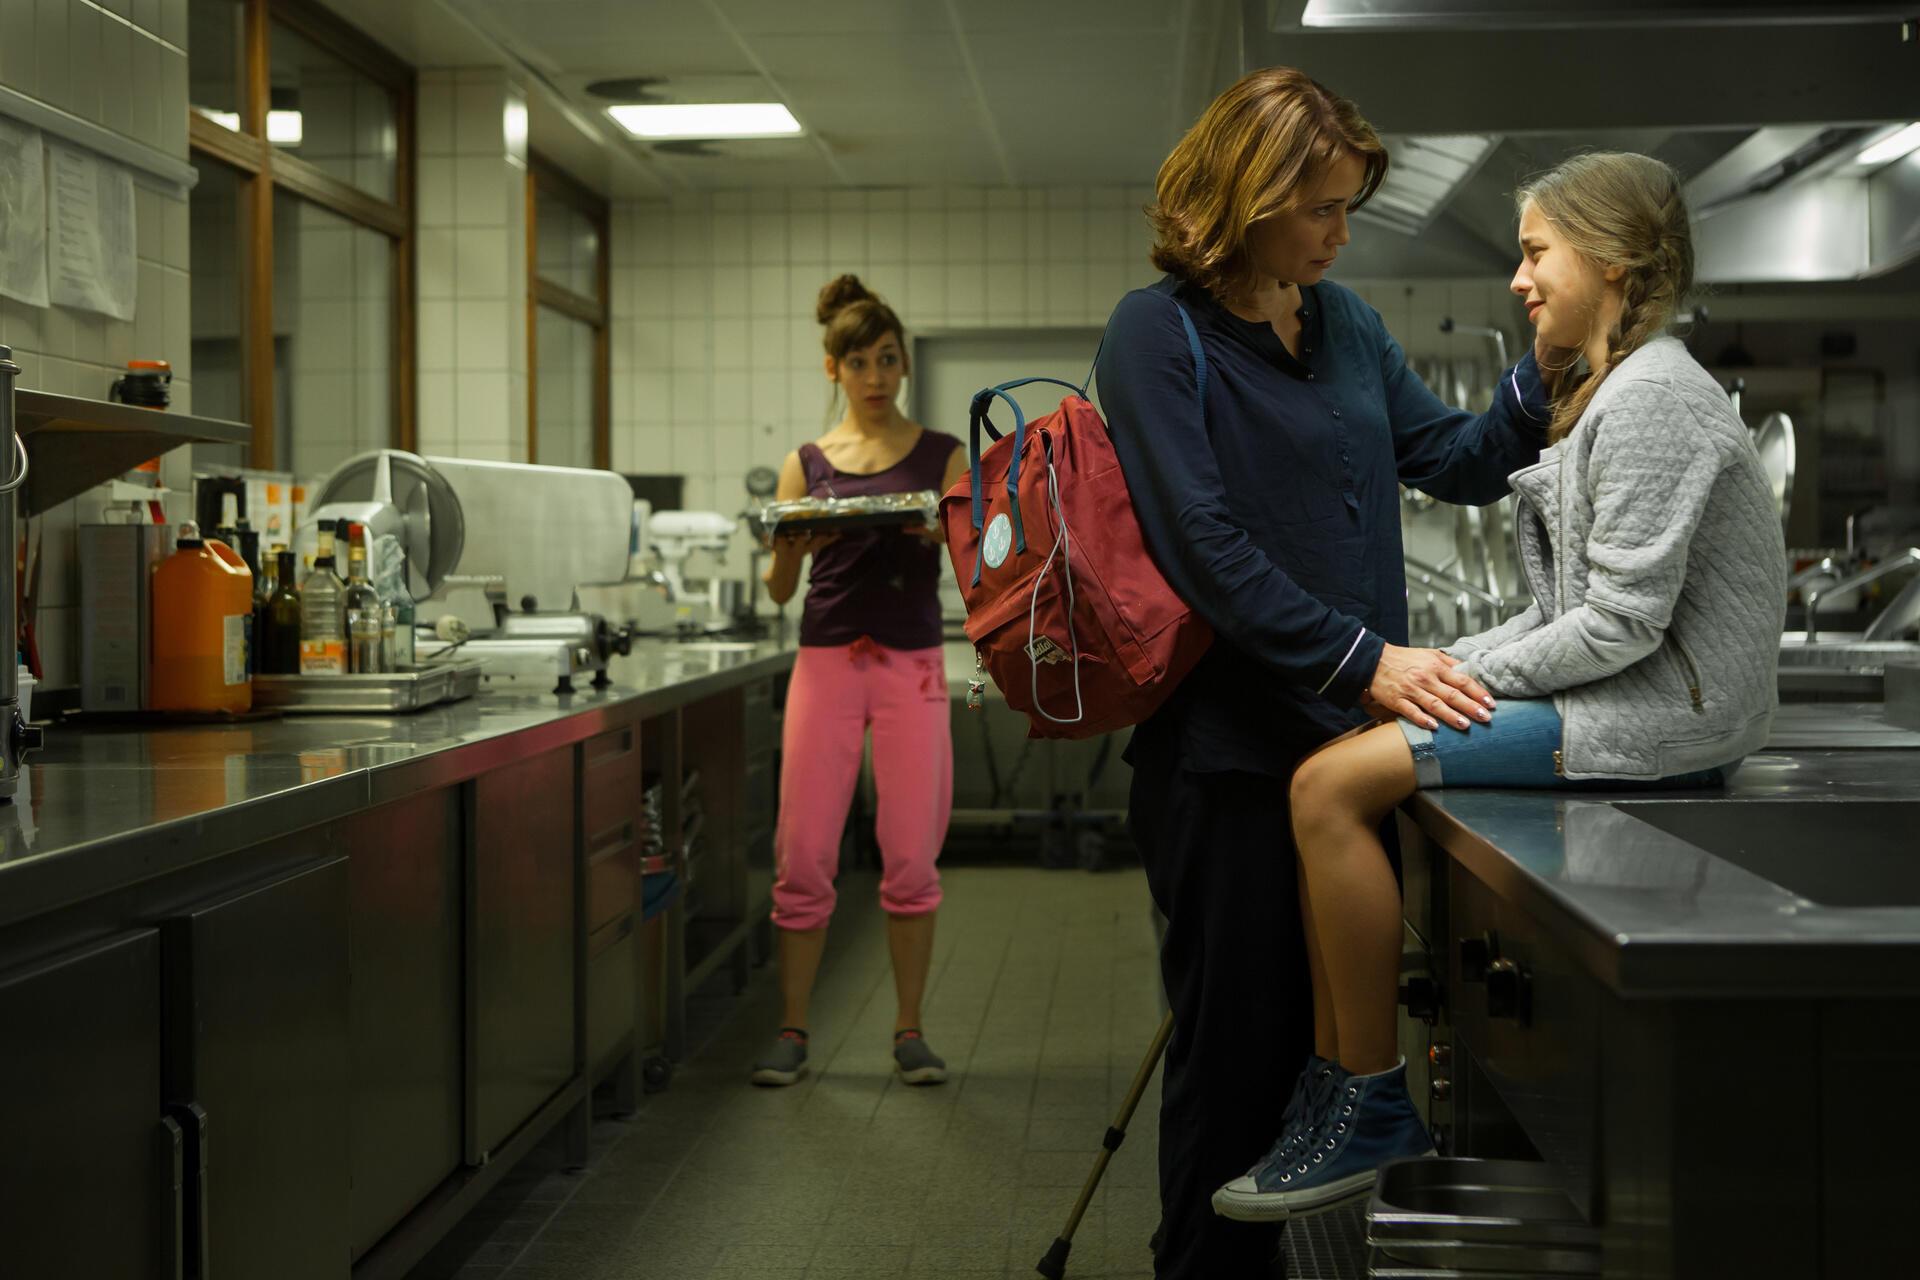 ... Zweibettzimmer Mit Anja Kling, Lene Oderich Und Carol Schuler   Bild 49  ...